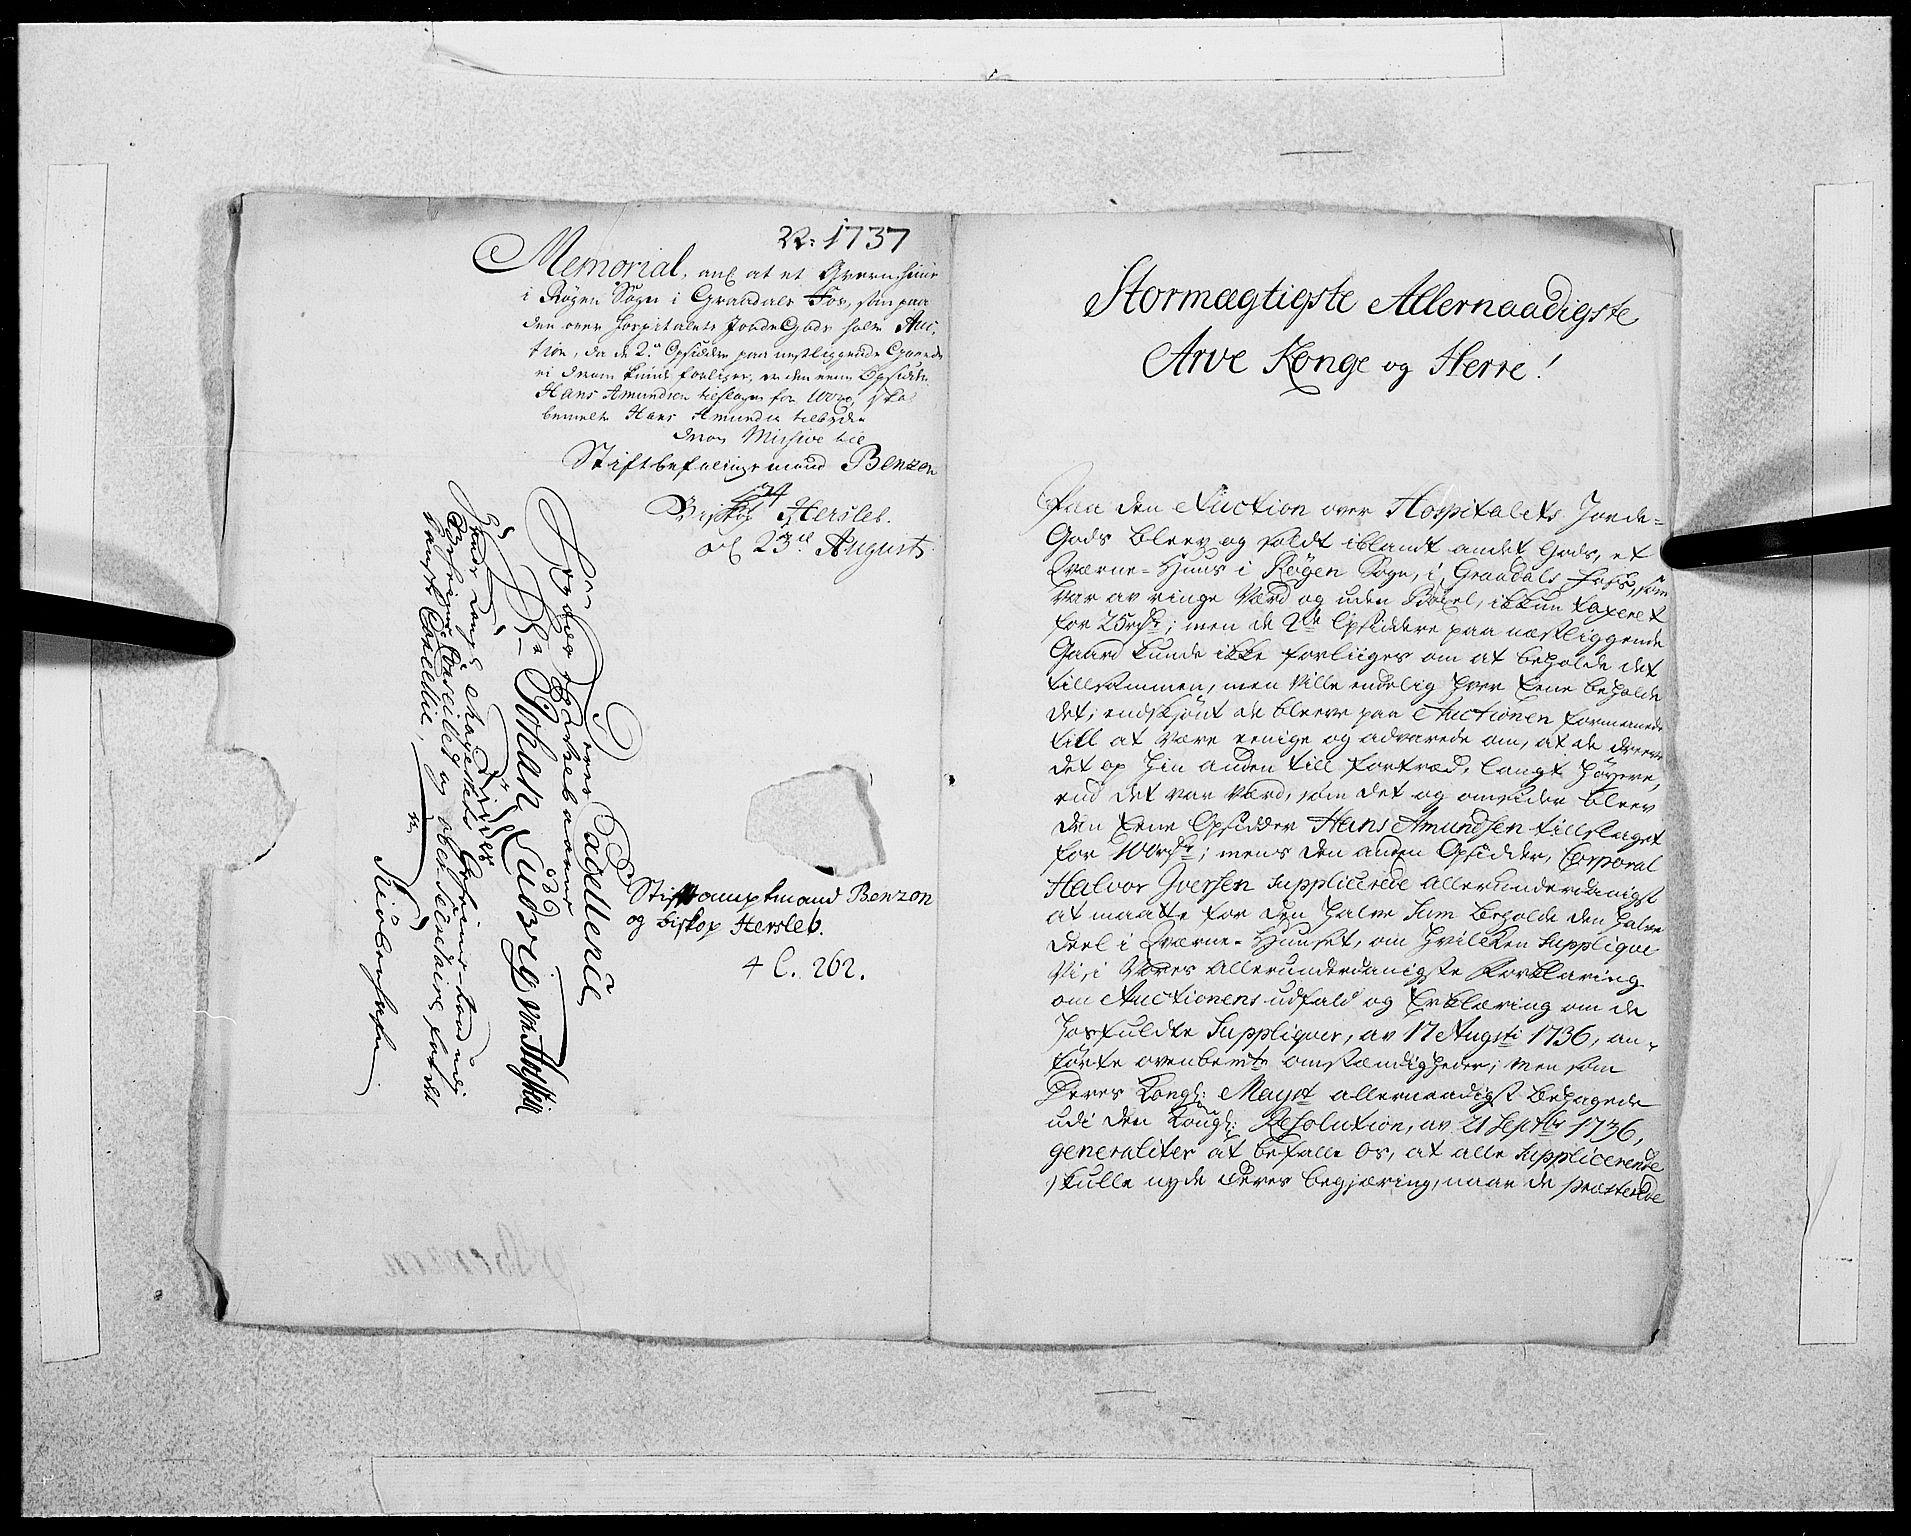 RA, Danske Kanselli 1572-1799, F/Fc/Fcc/Fcca/L0125: Norske innlegg 1572-1799, 1737, s. 180